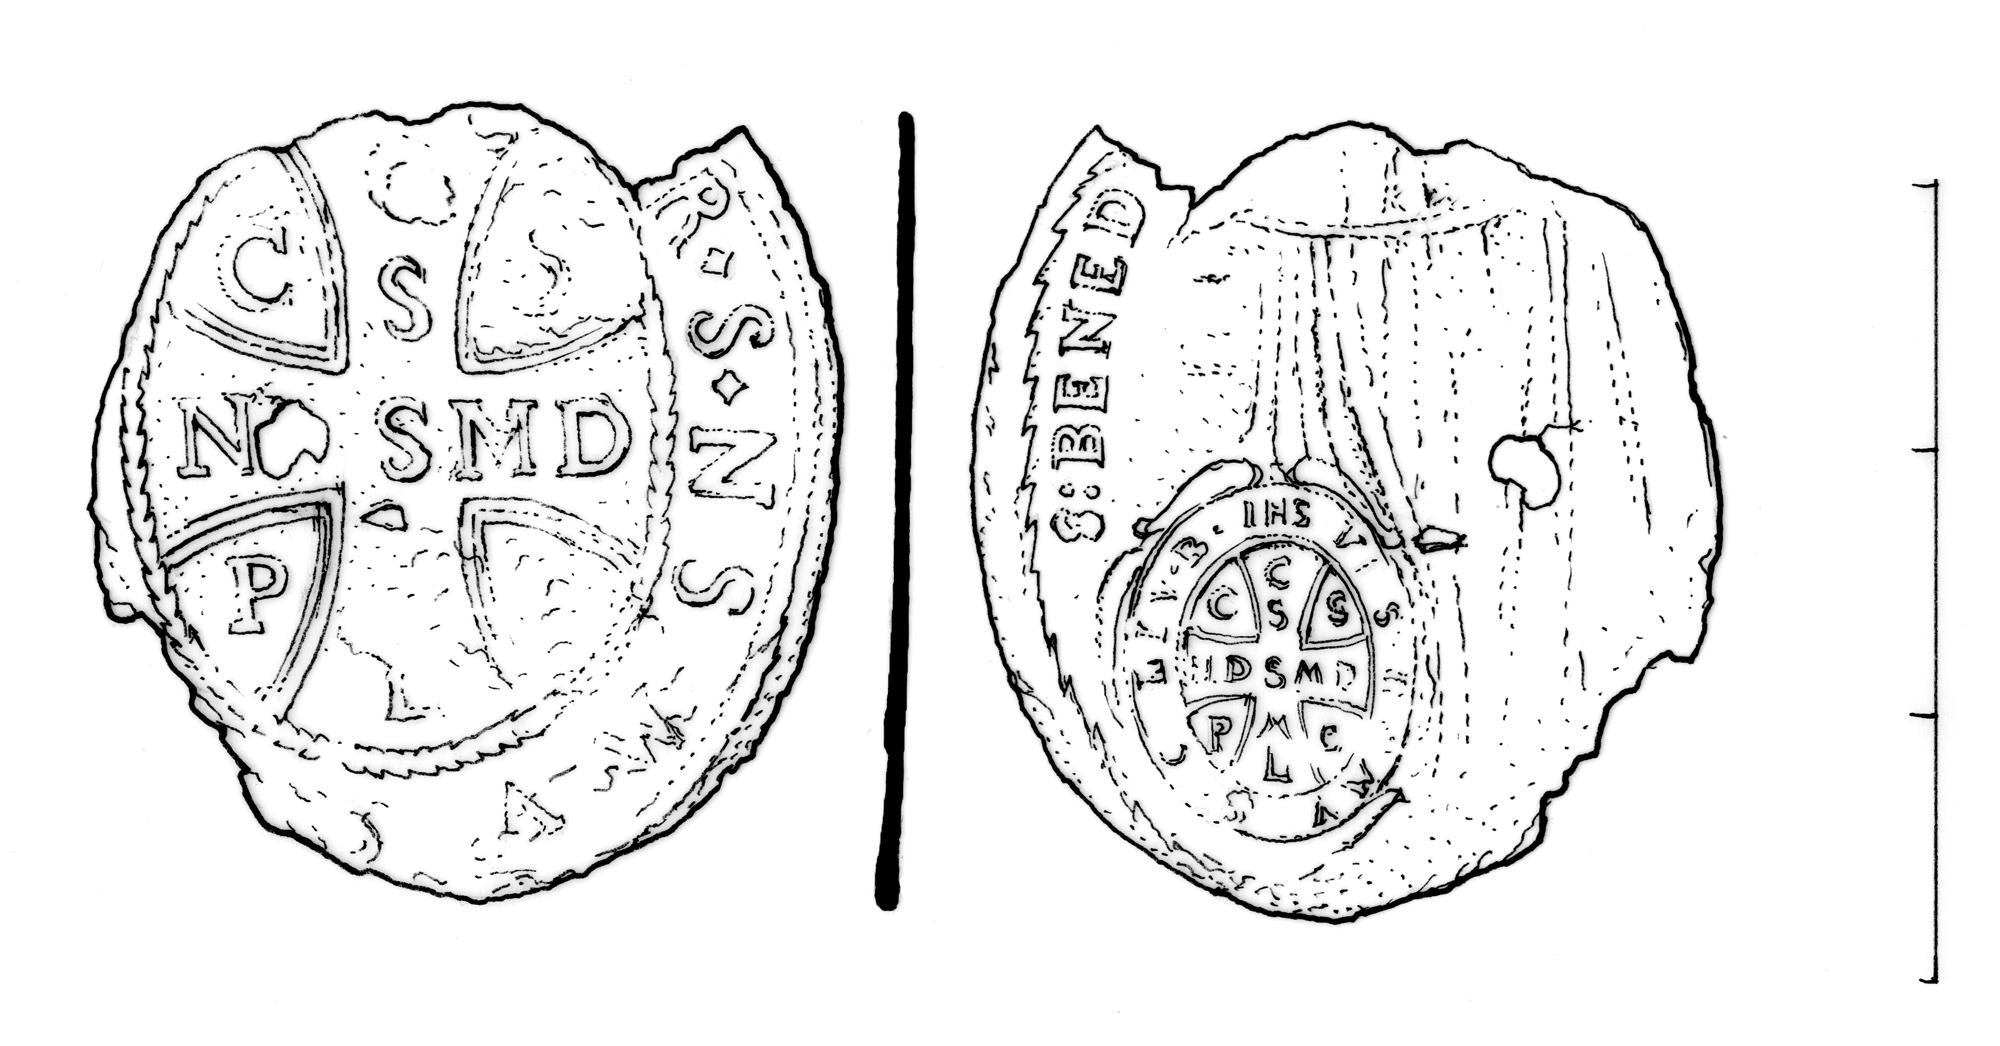 Medailon z hrobové výbavy, novověk, Praha-Řepy. Kresba M. Černý